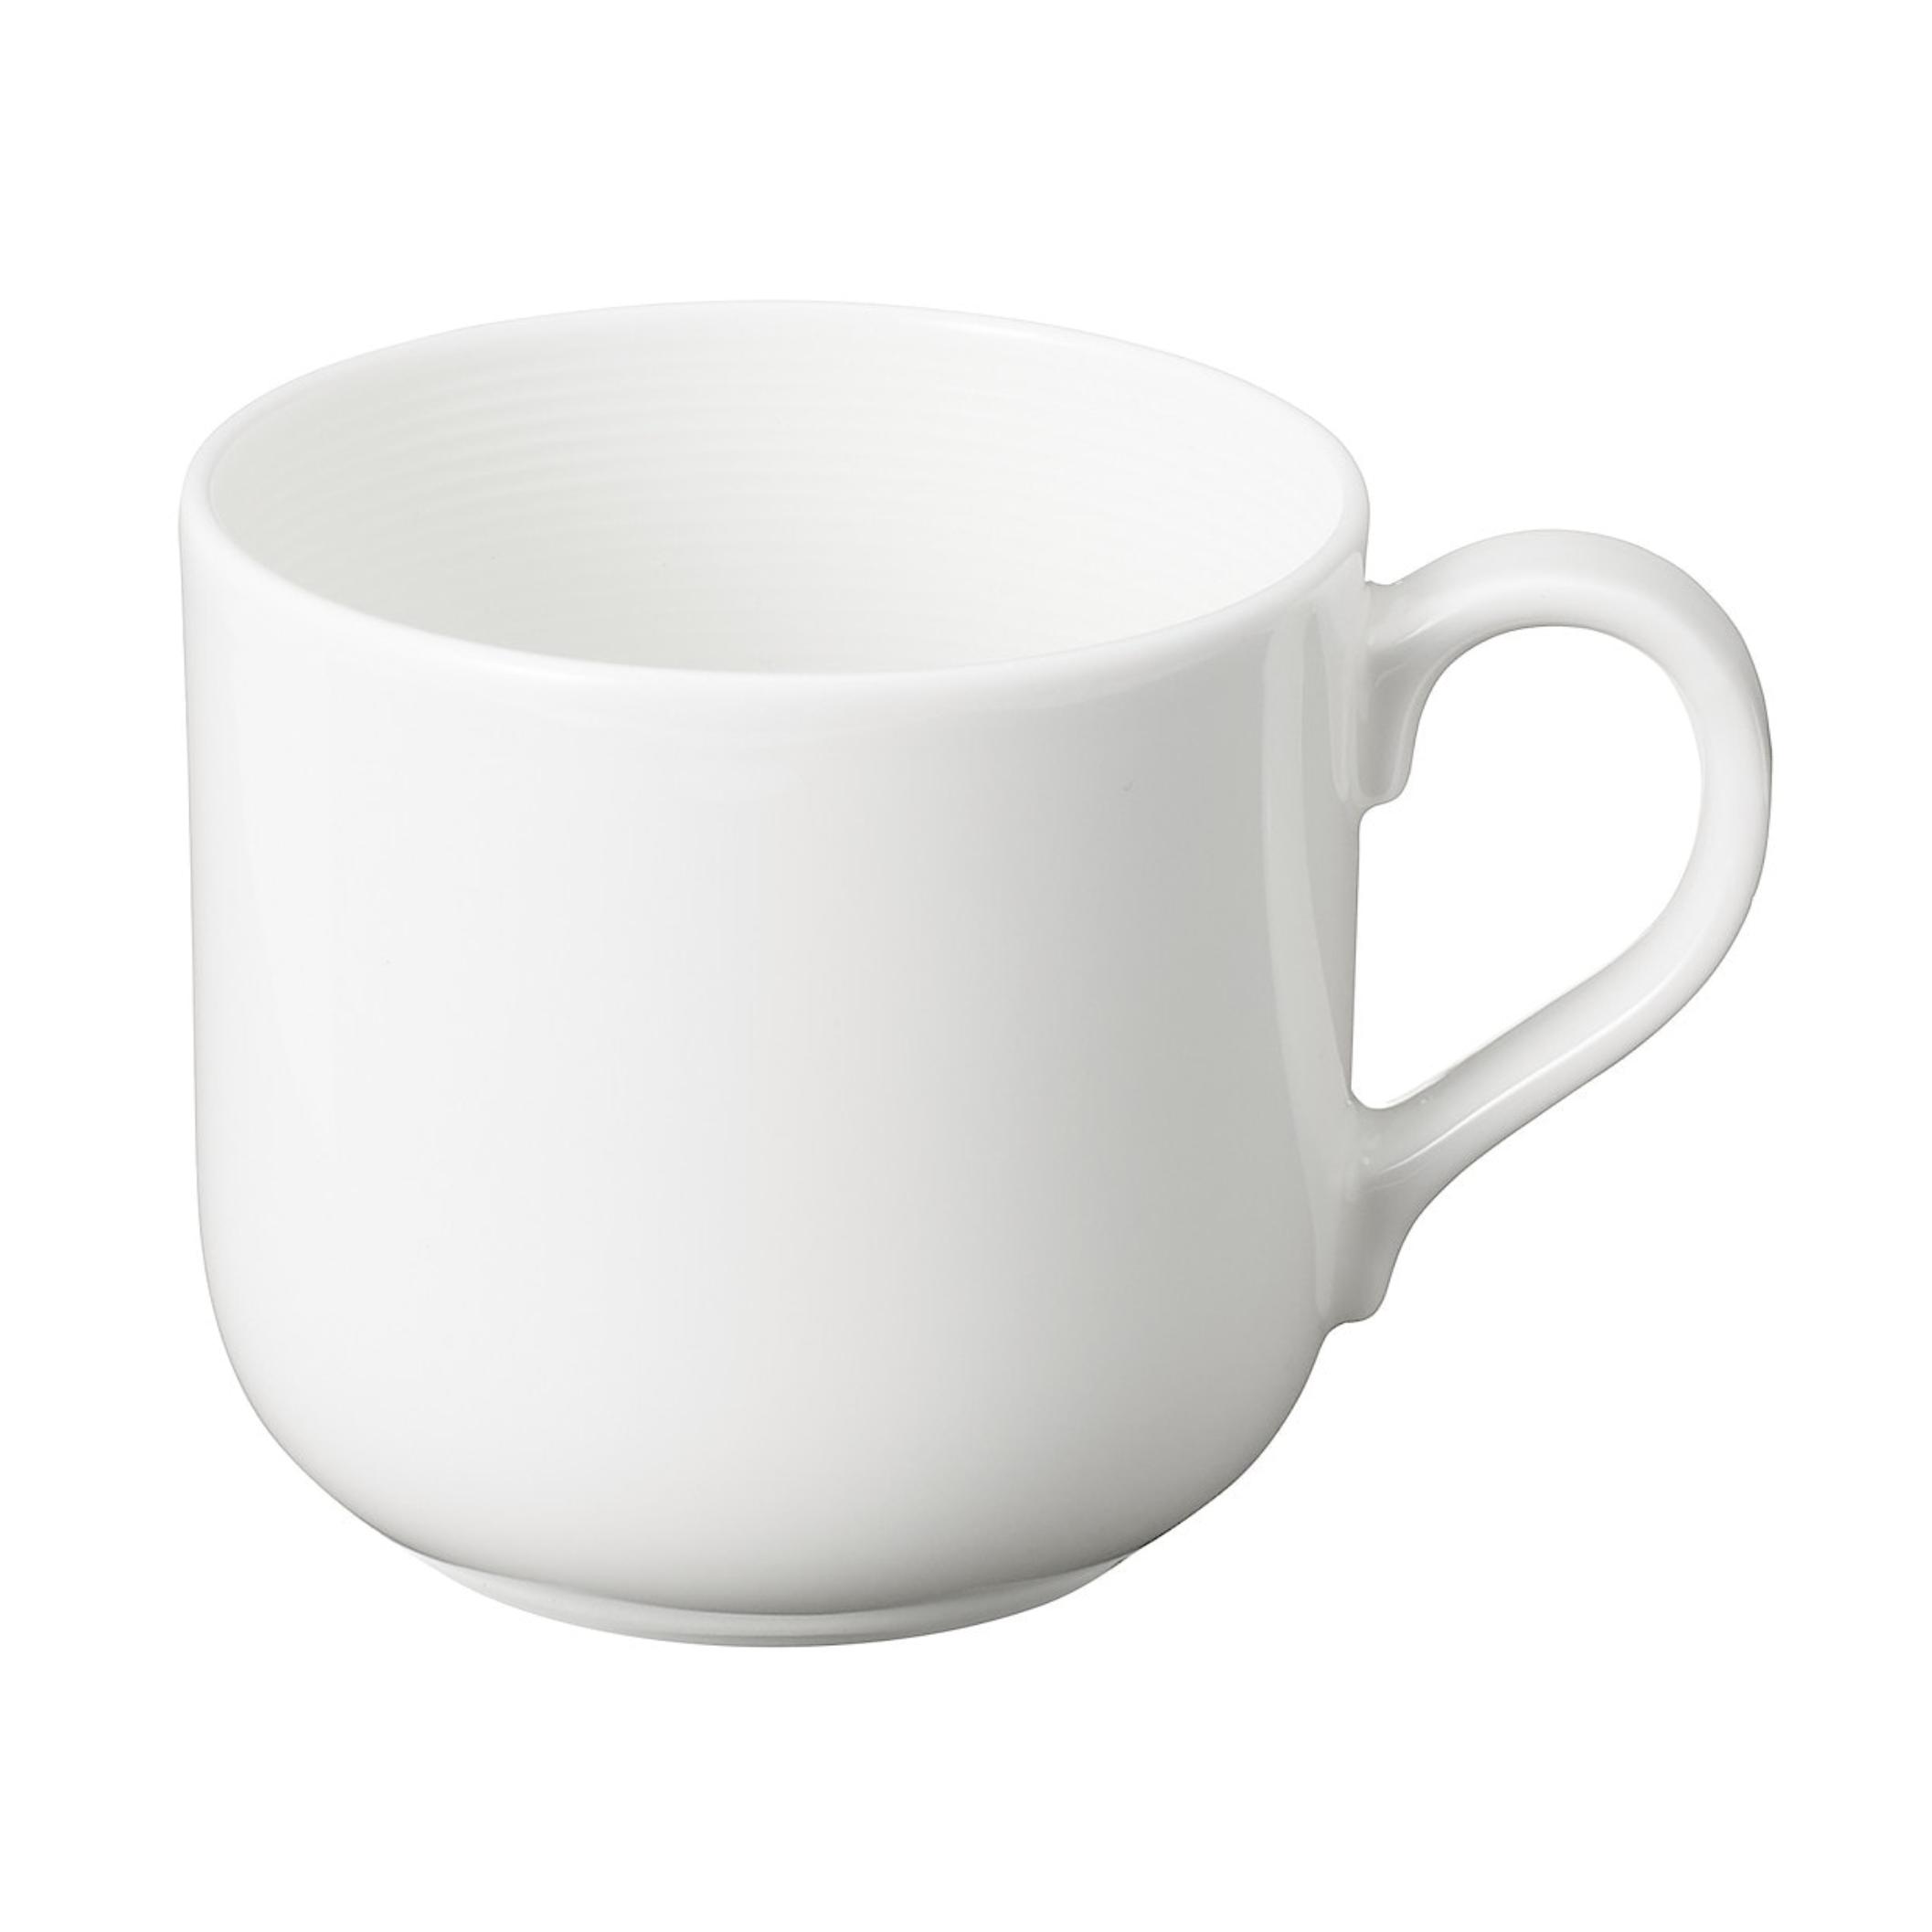 ボーンチャイナ コーヒーカップ 約235ml